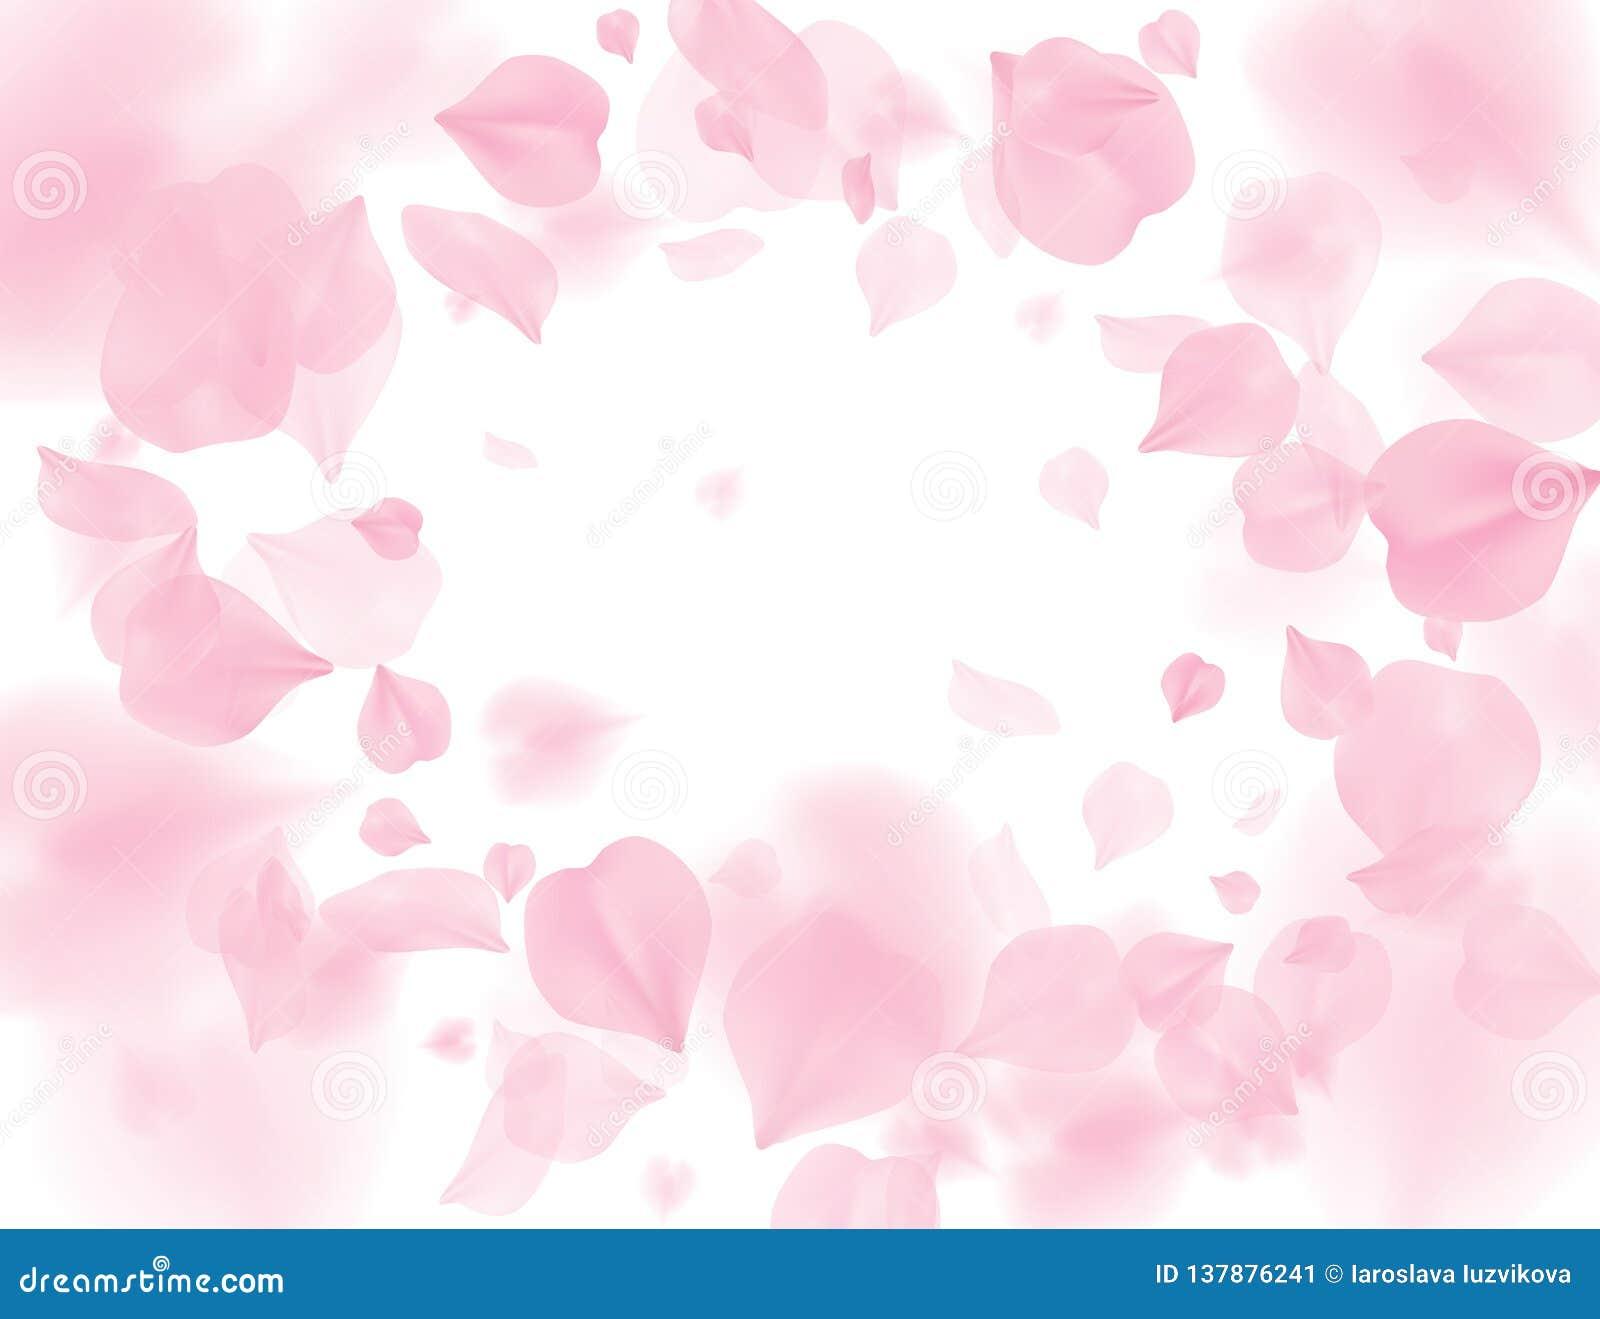 Roze dalende de bloem vectorachtergrond van sakurabloemblaadjes Romantische die bloesem op witte achtergrond wordt geïsoleerd 3D